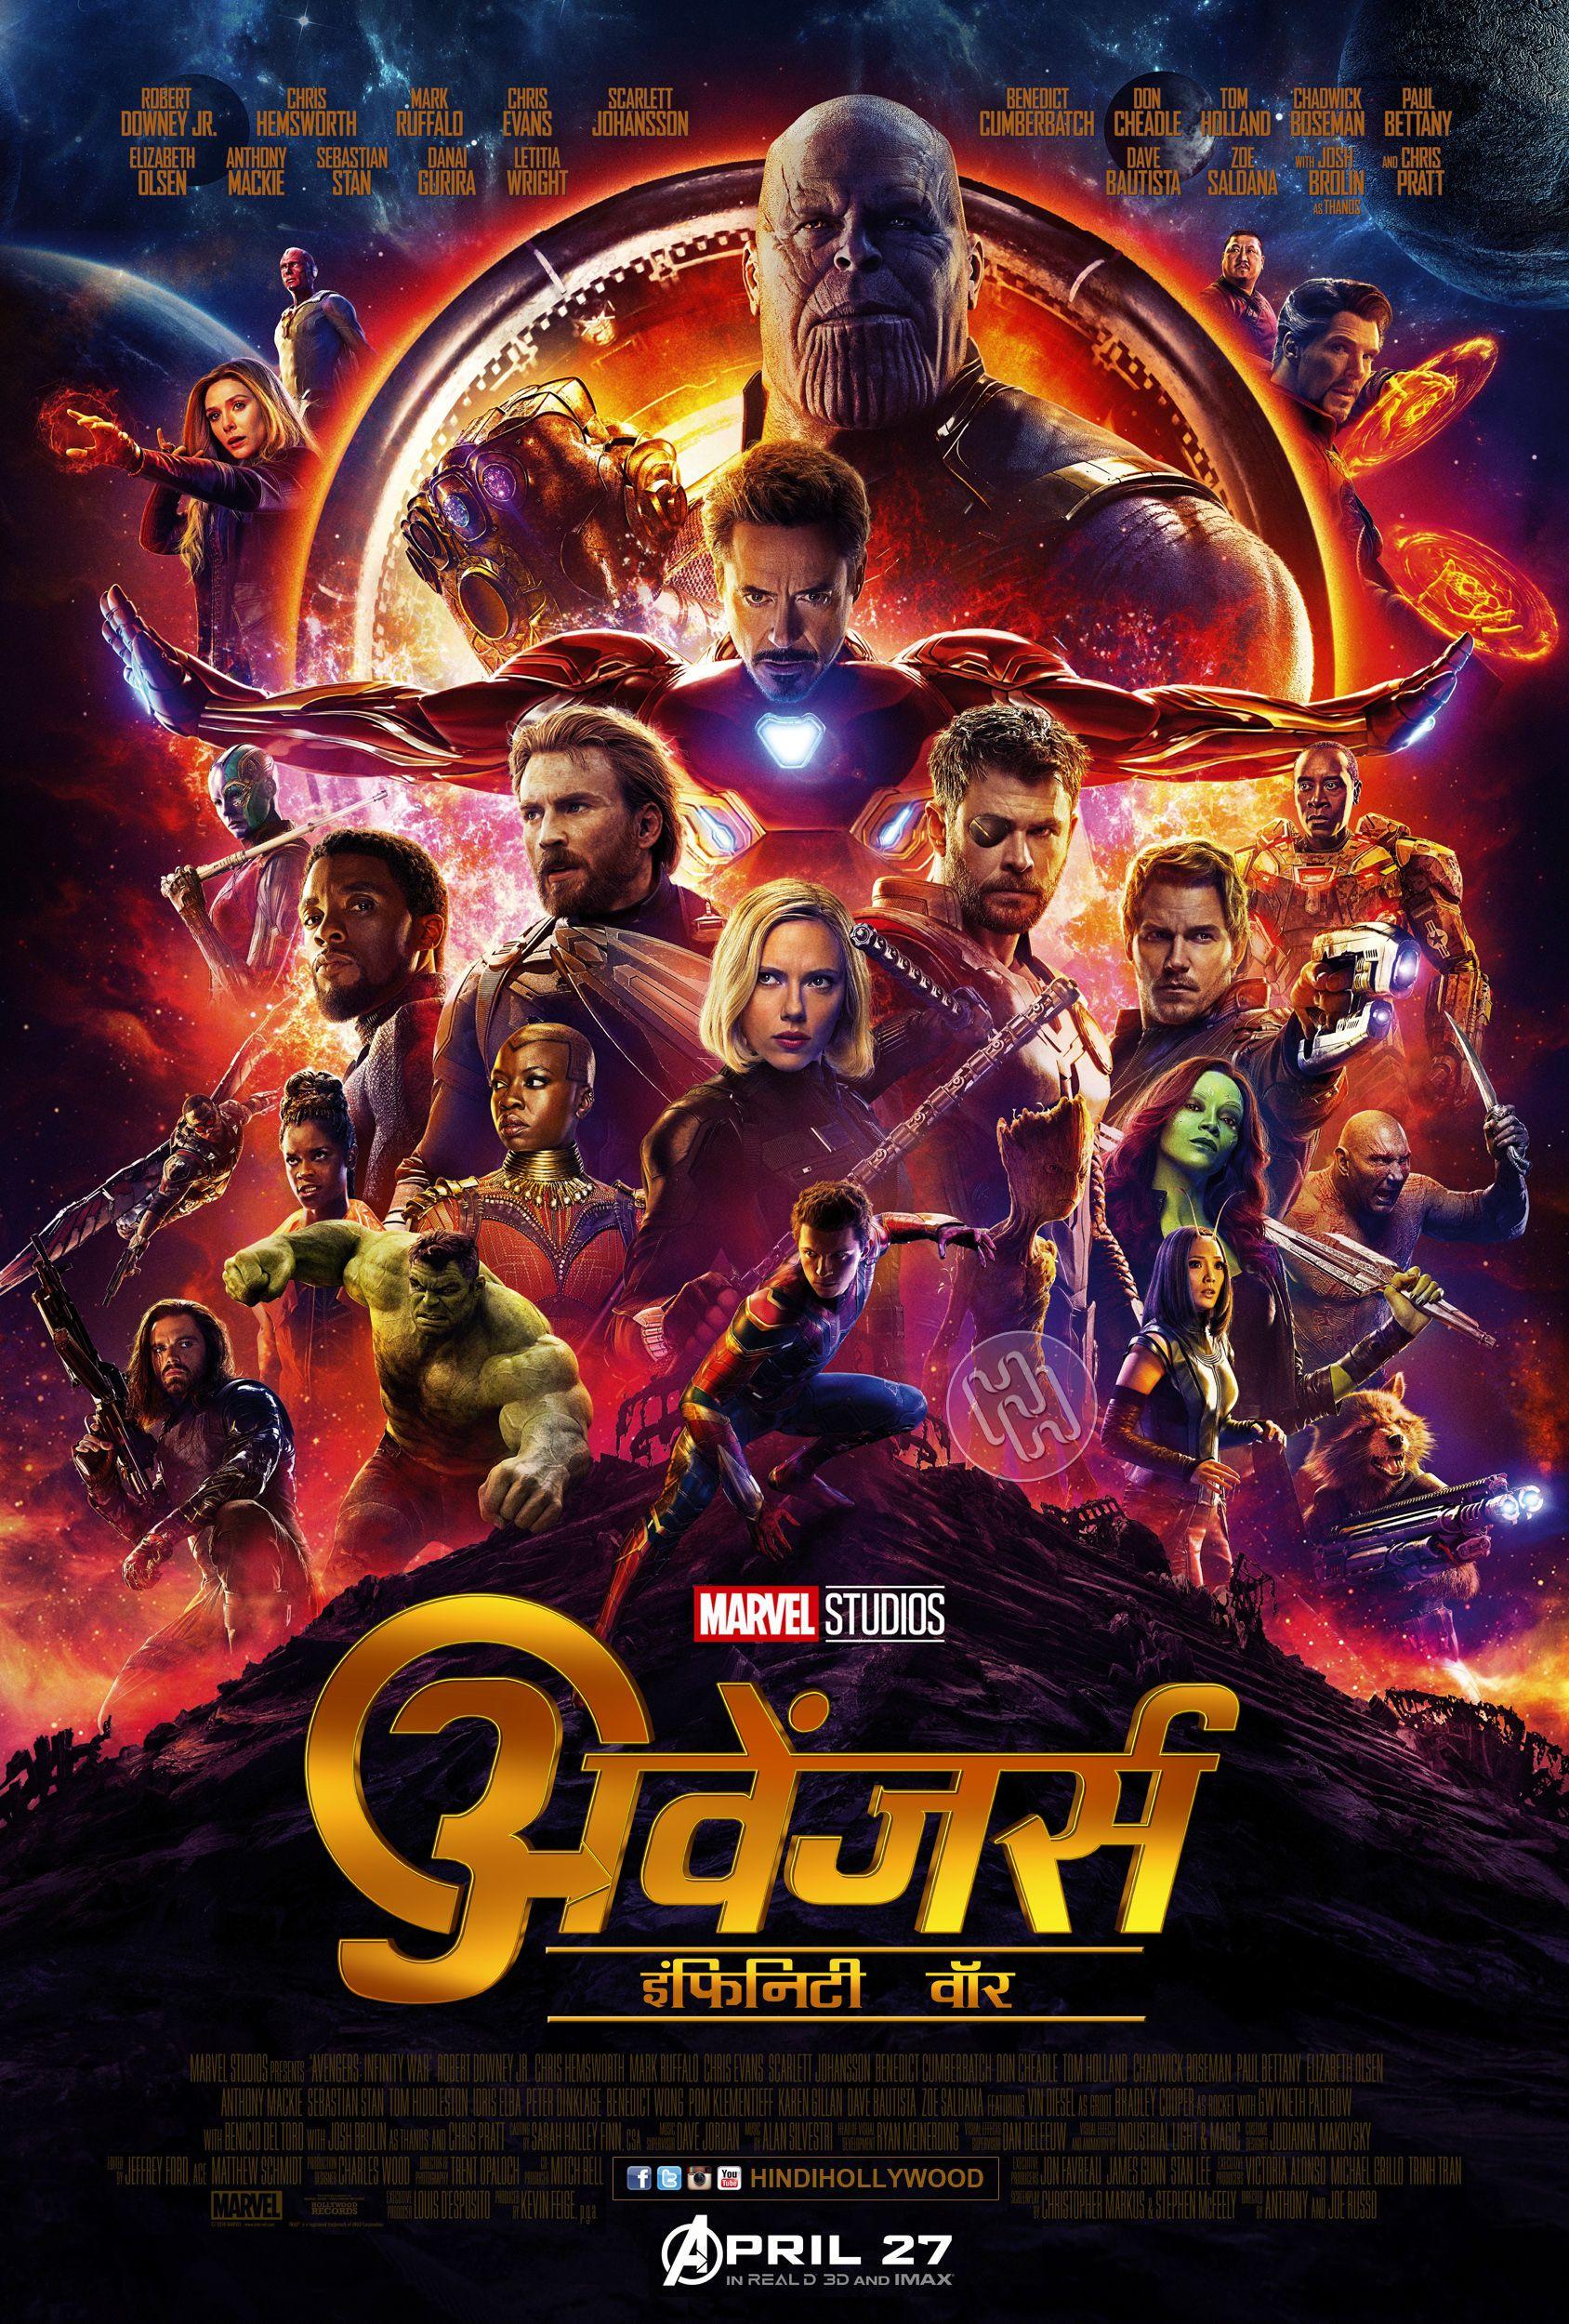 Avengers Infinity War Hindi Poster Hindihollywood By